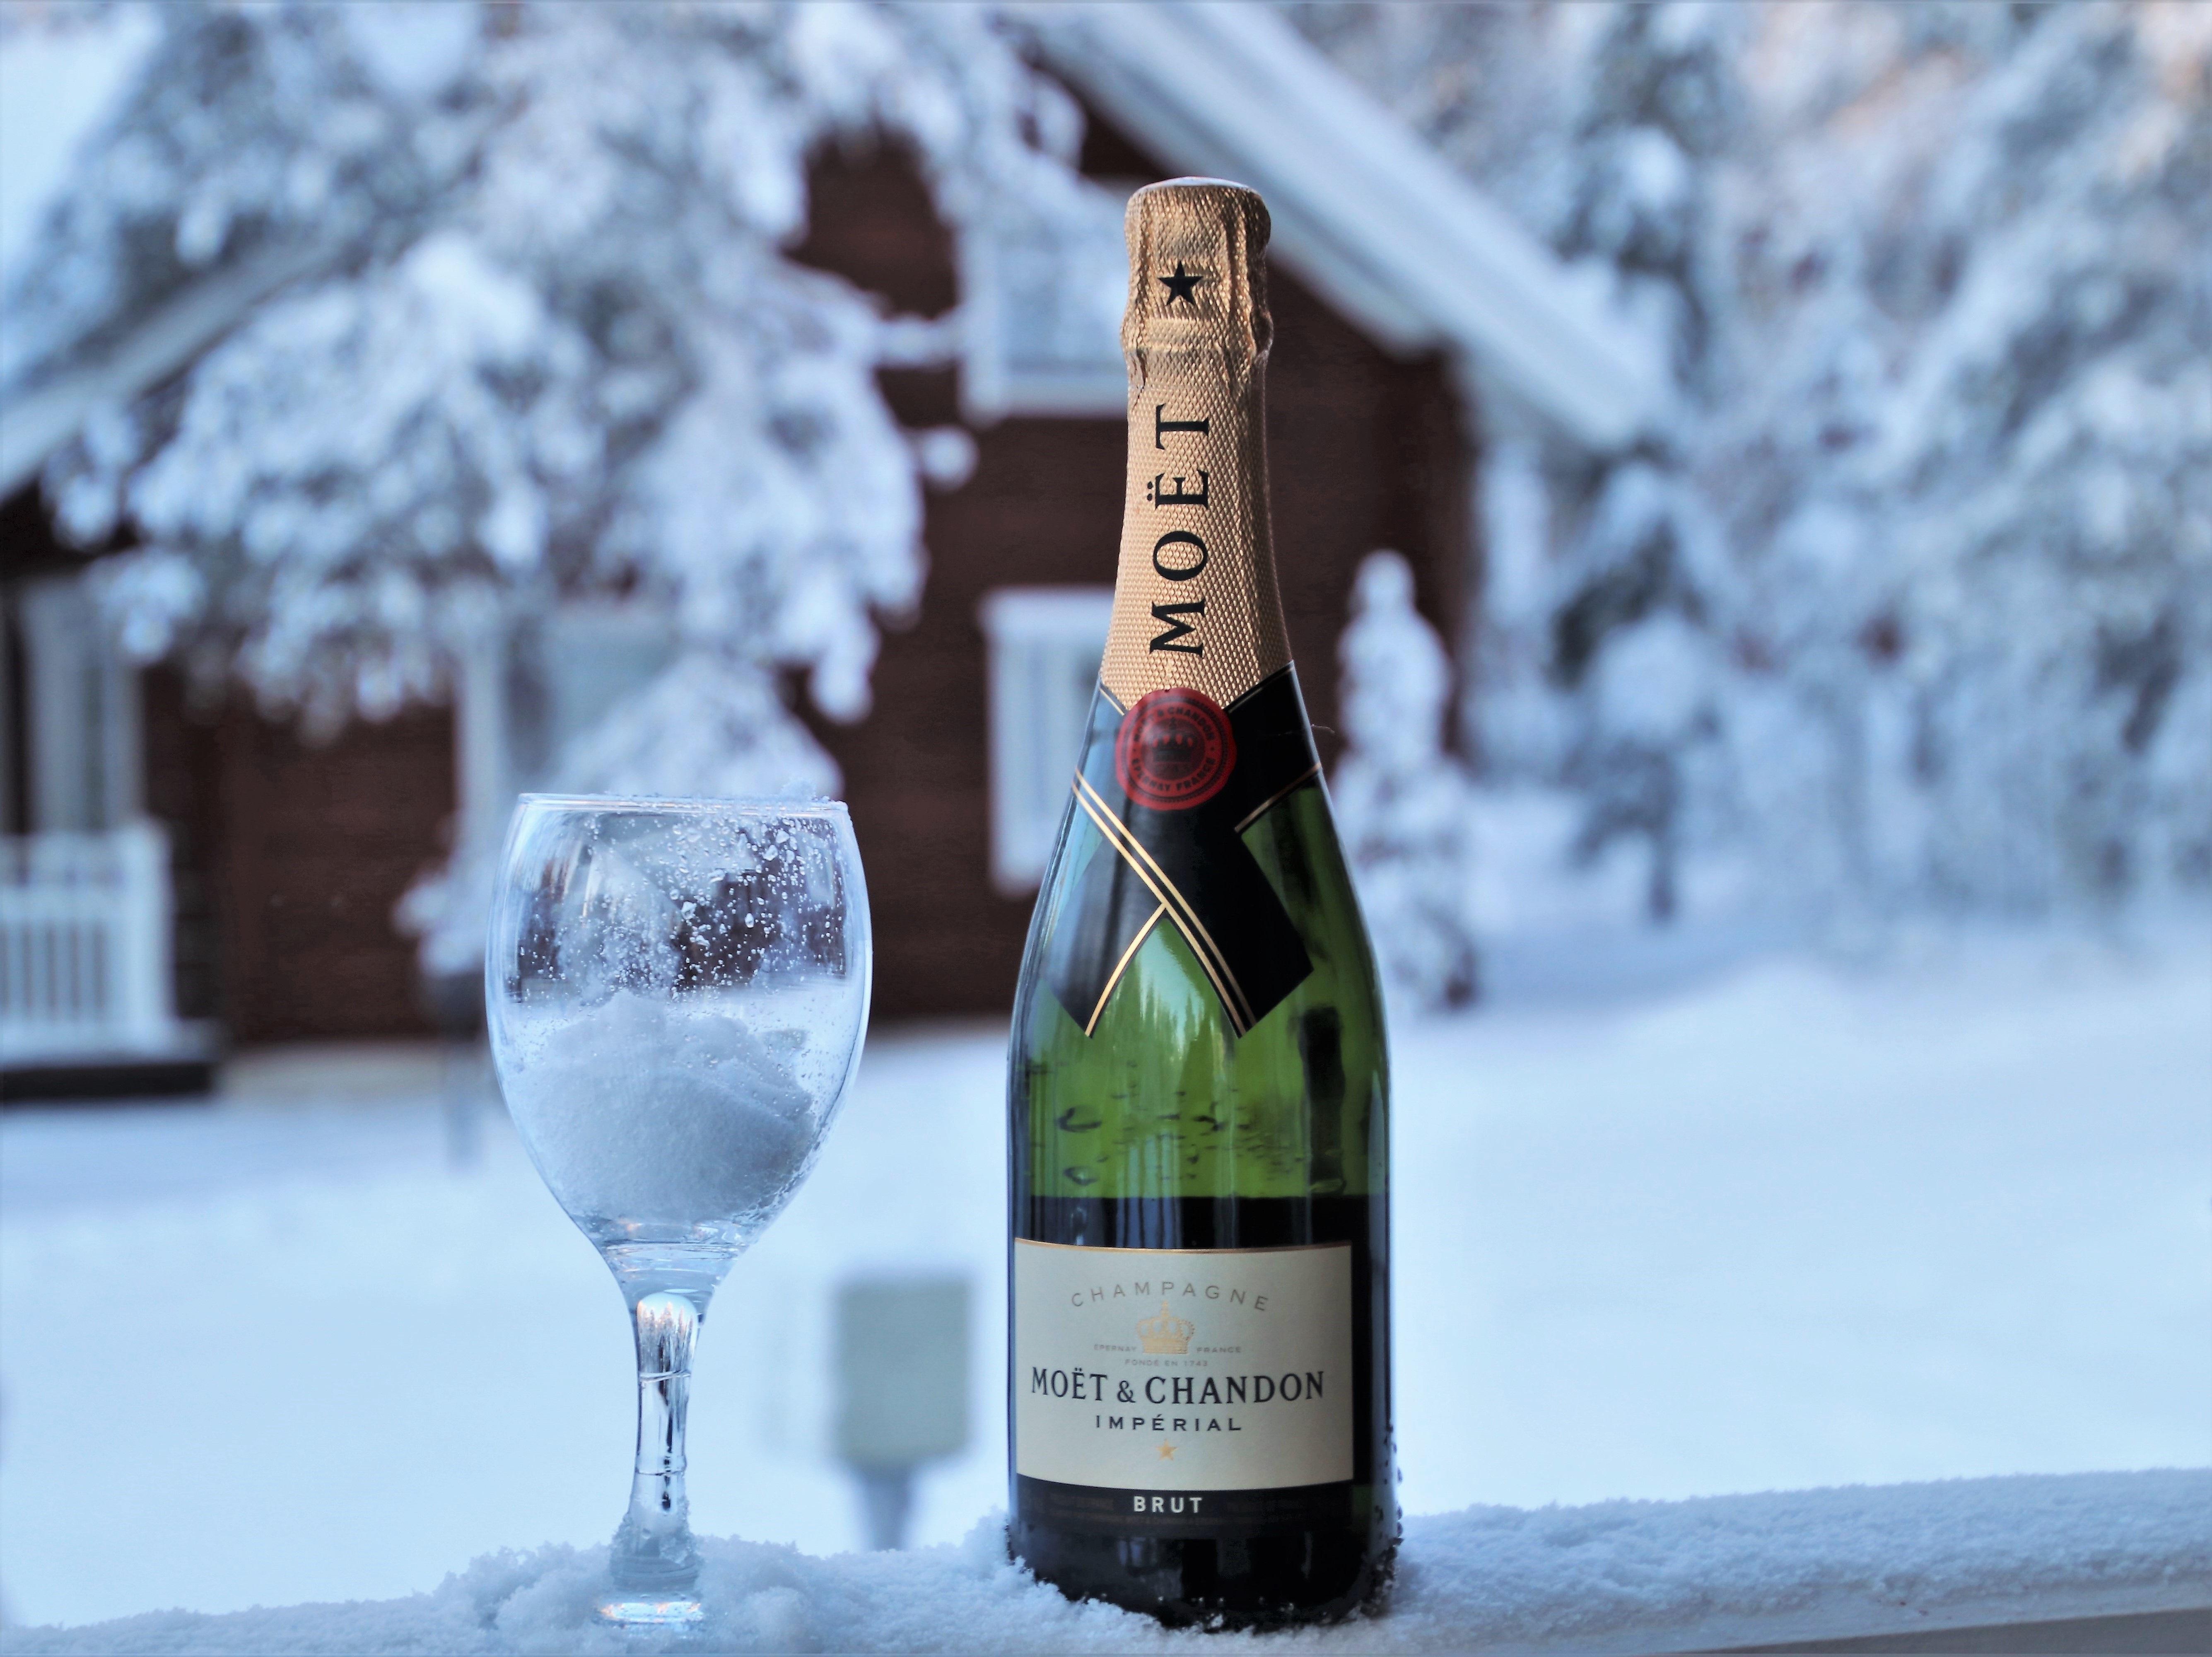 недавнем шампанское в снегу картинки высокую урожайность, отличные